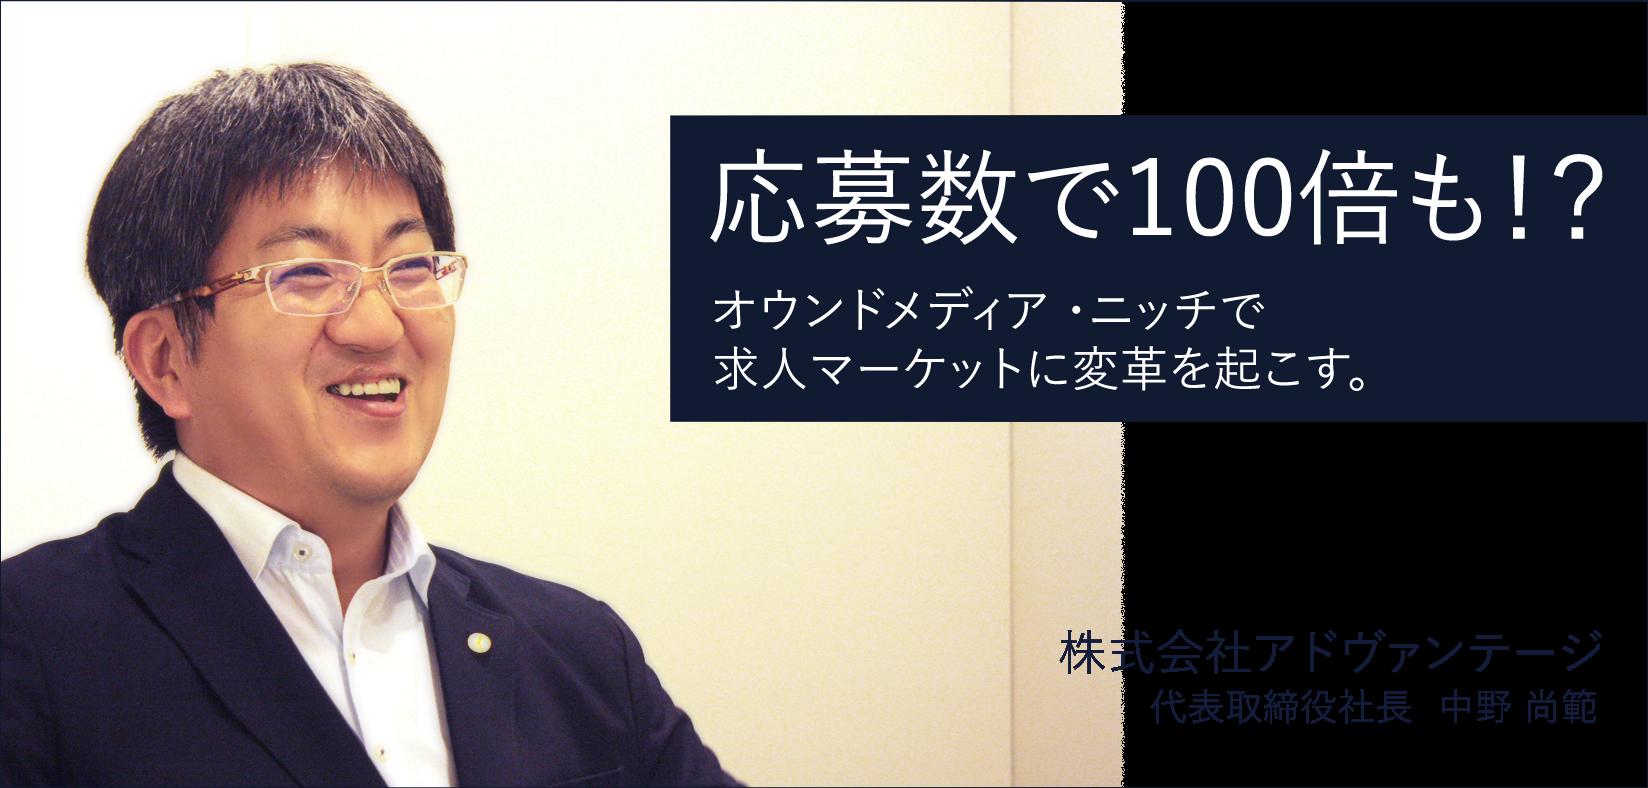 201510_ad_eye